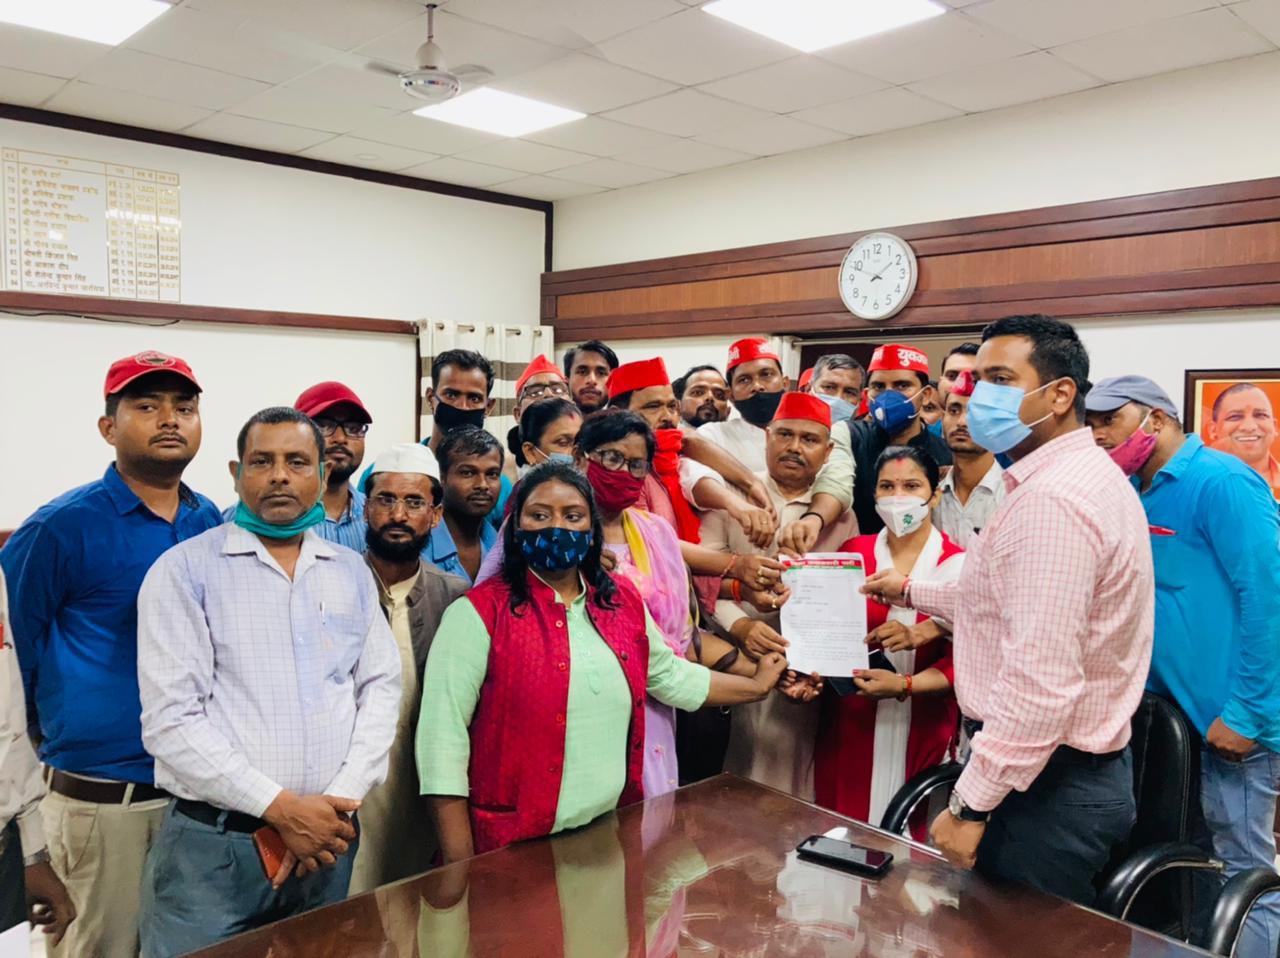 समाजवादी पार्टी के फ्रंटल संगठन ने पसगवां ब्लॉक प्रमुख चुनाव रद्द करने को भरी हुंकार